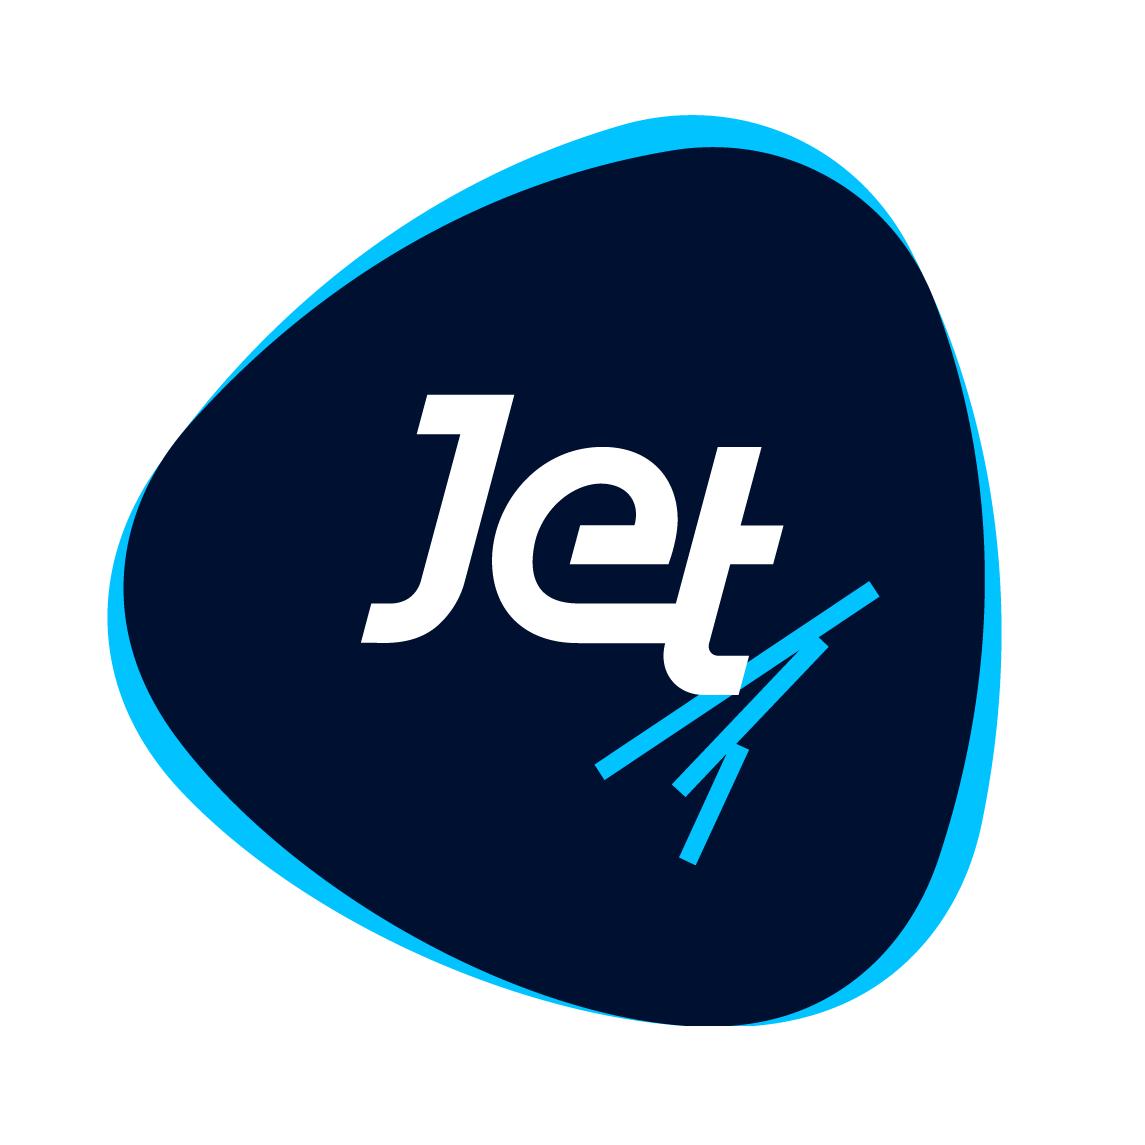 Логотип компании «Инфосистемы Джет»